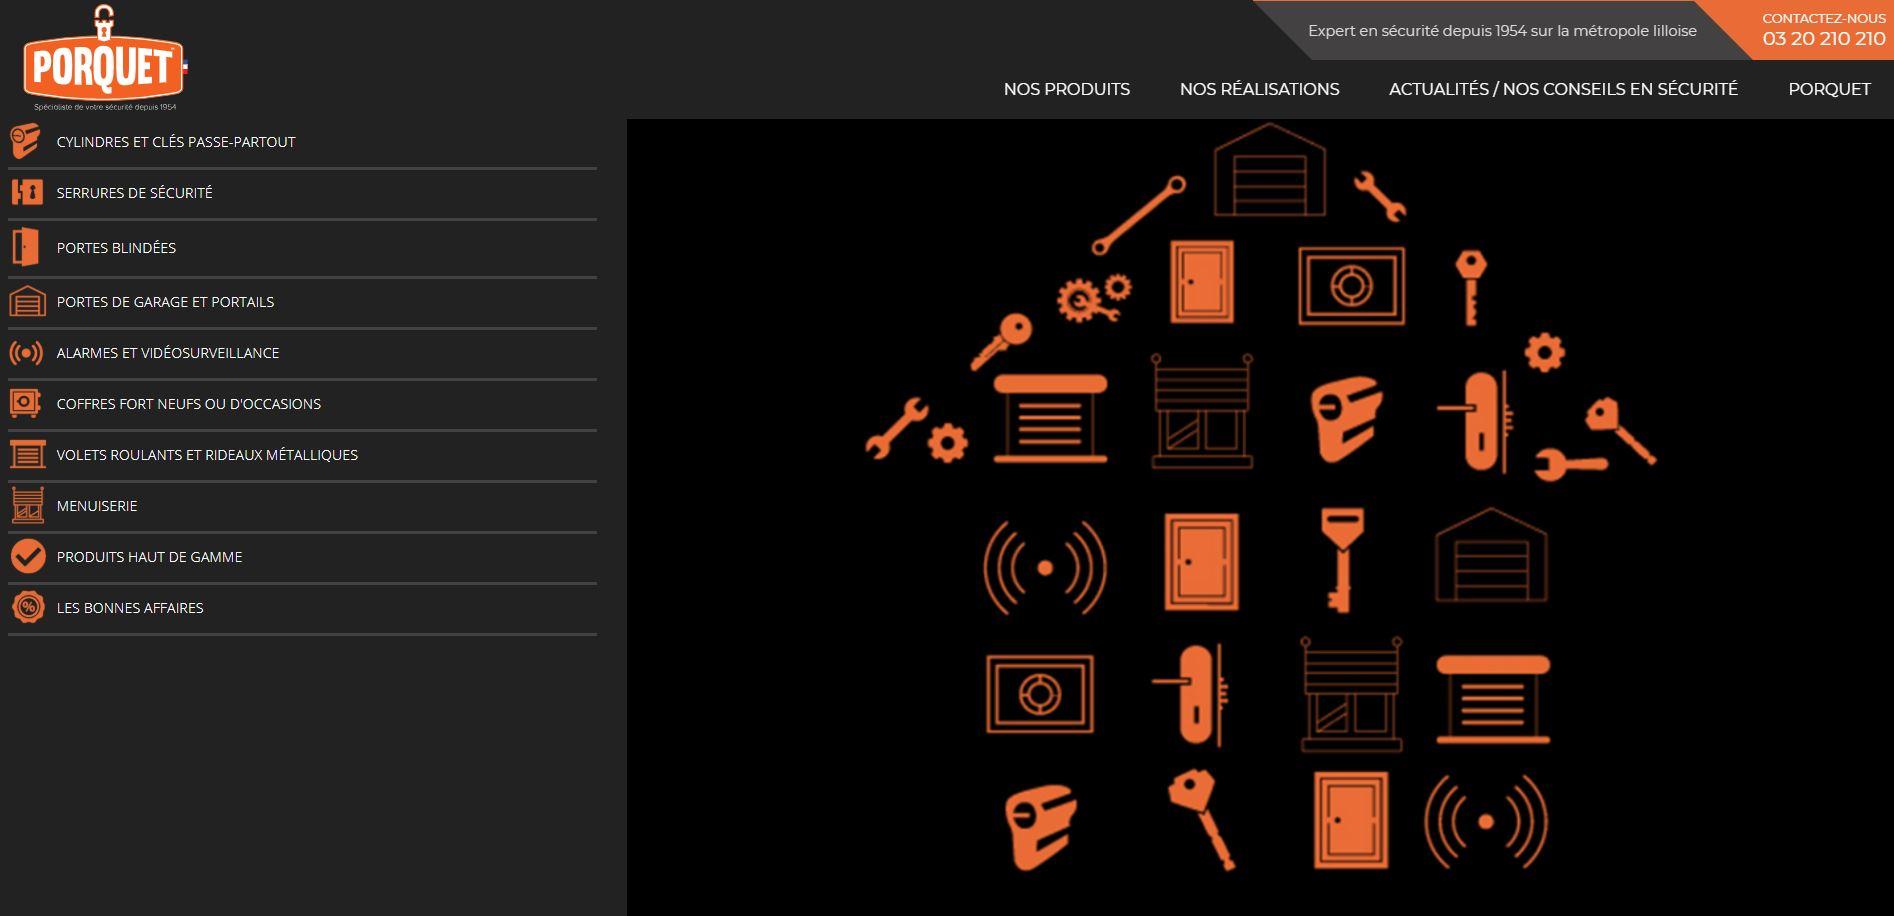 Site web Porquet